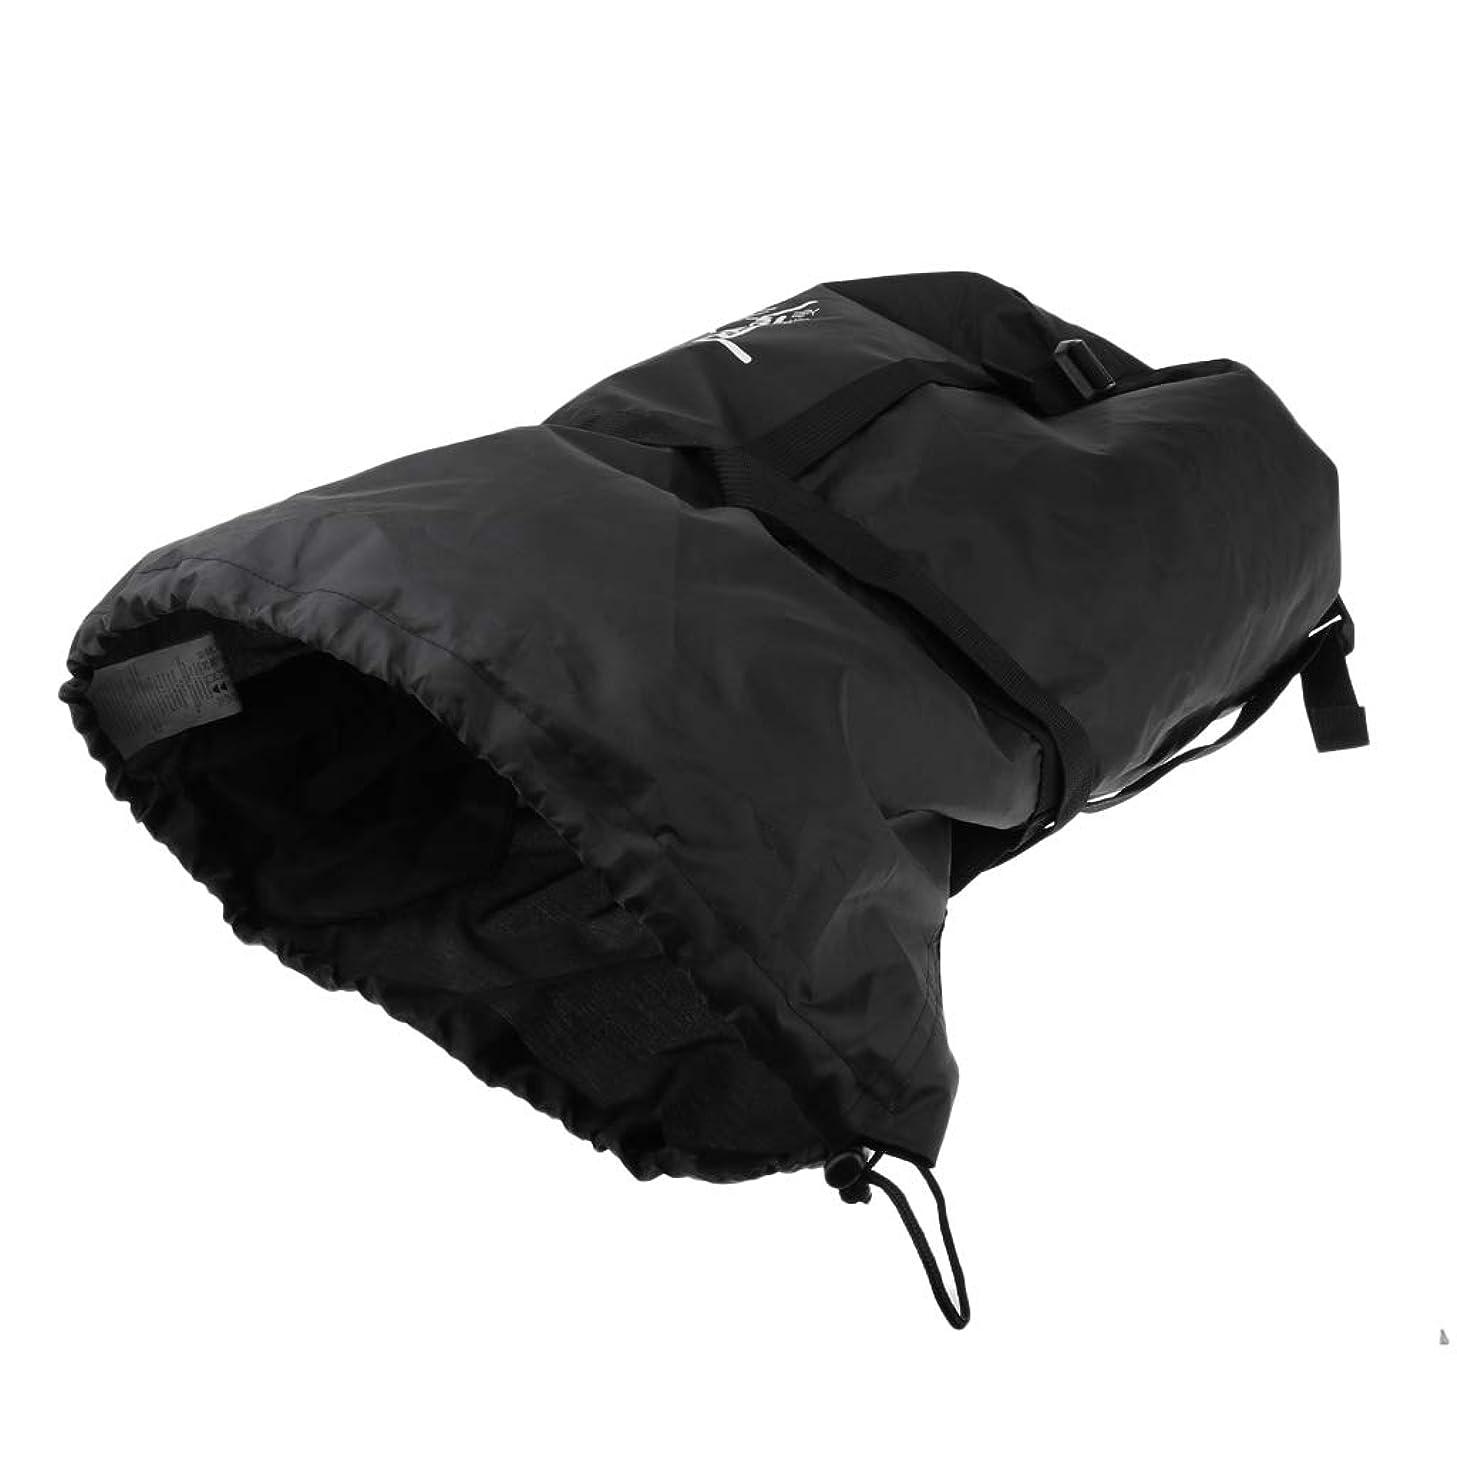 極めて干し草爆発するMORUDO 防水リュック リュックサック ドライバッグ 完全防水バッグ 軽量 大容量20-40L 釣り 登山 アウトドア 旅行 防災グッズ 水泳 海水浴